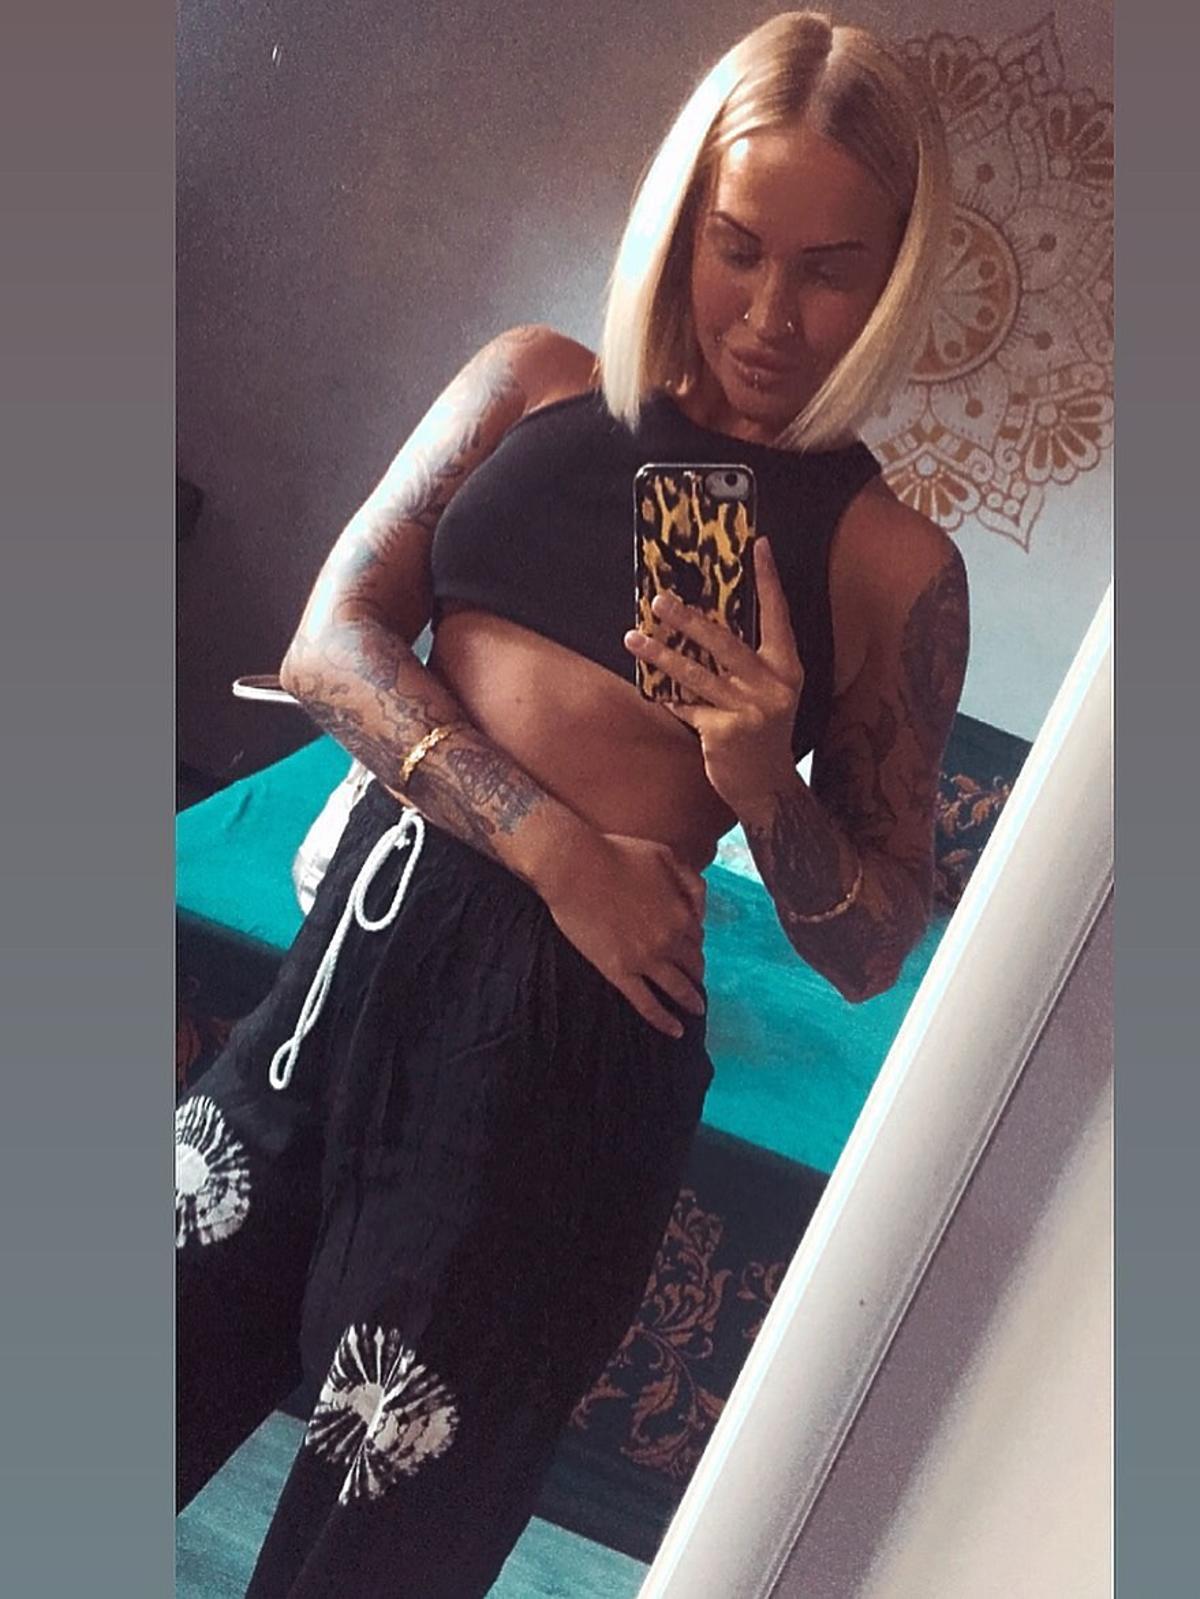 Dominika uwielbia chwalić się swoim smukłym ciałem